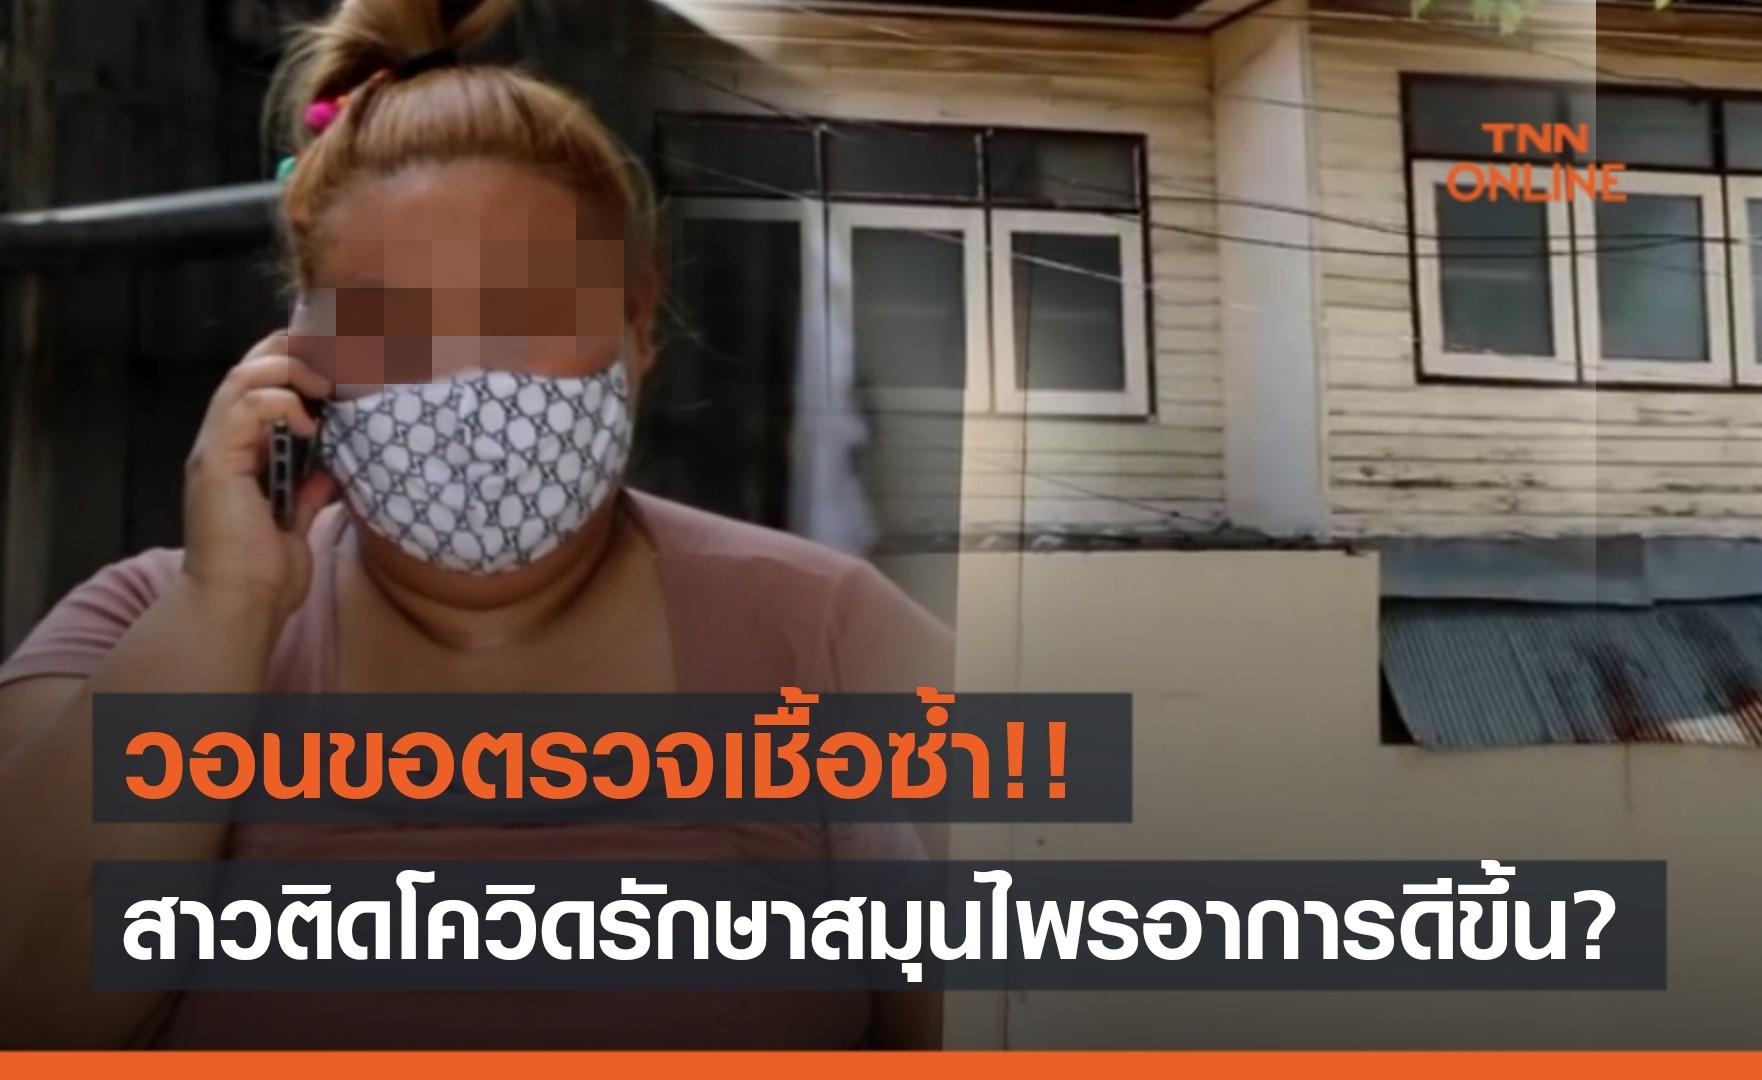 เปิดไทม์ไลน์! หญิงคลัสเตอร์ทองหล่อ กักตัวรักษาด้วยสมุนไพรจนหาย-วอนรัฐช่วยตรวจซ้ำ